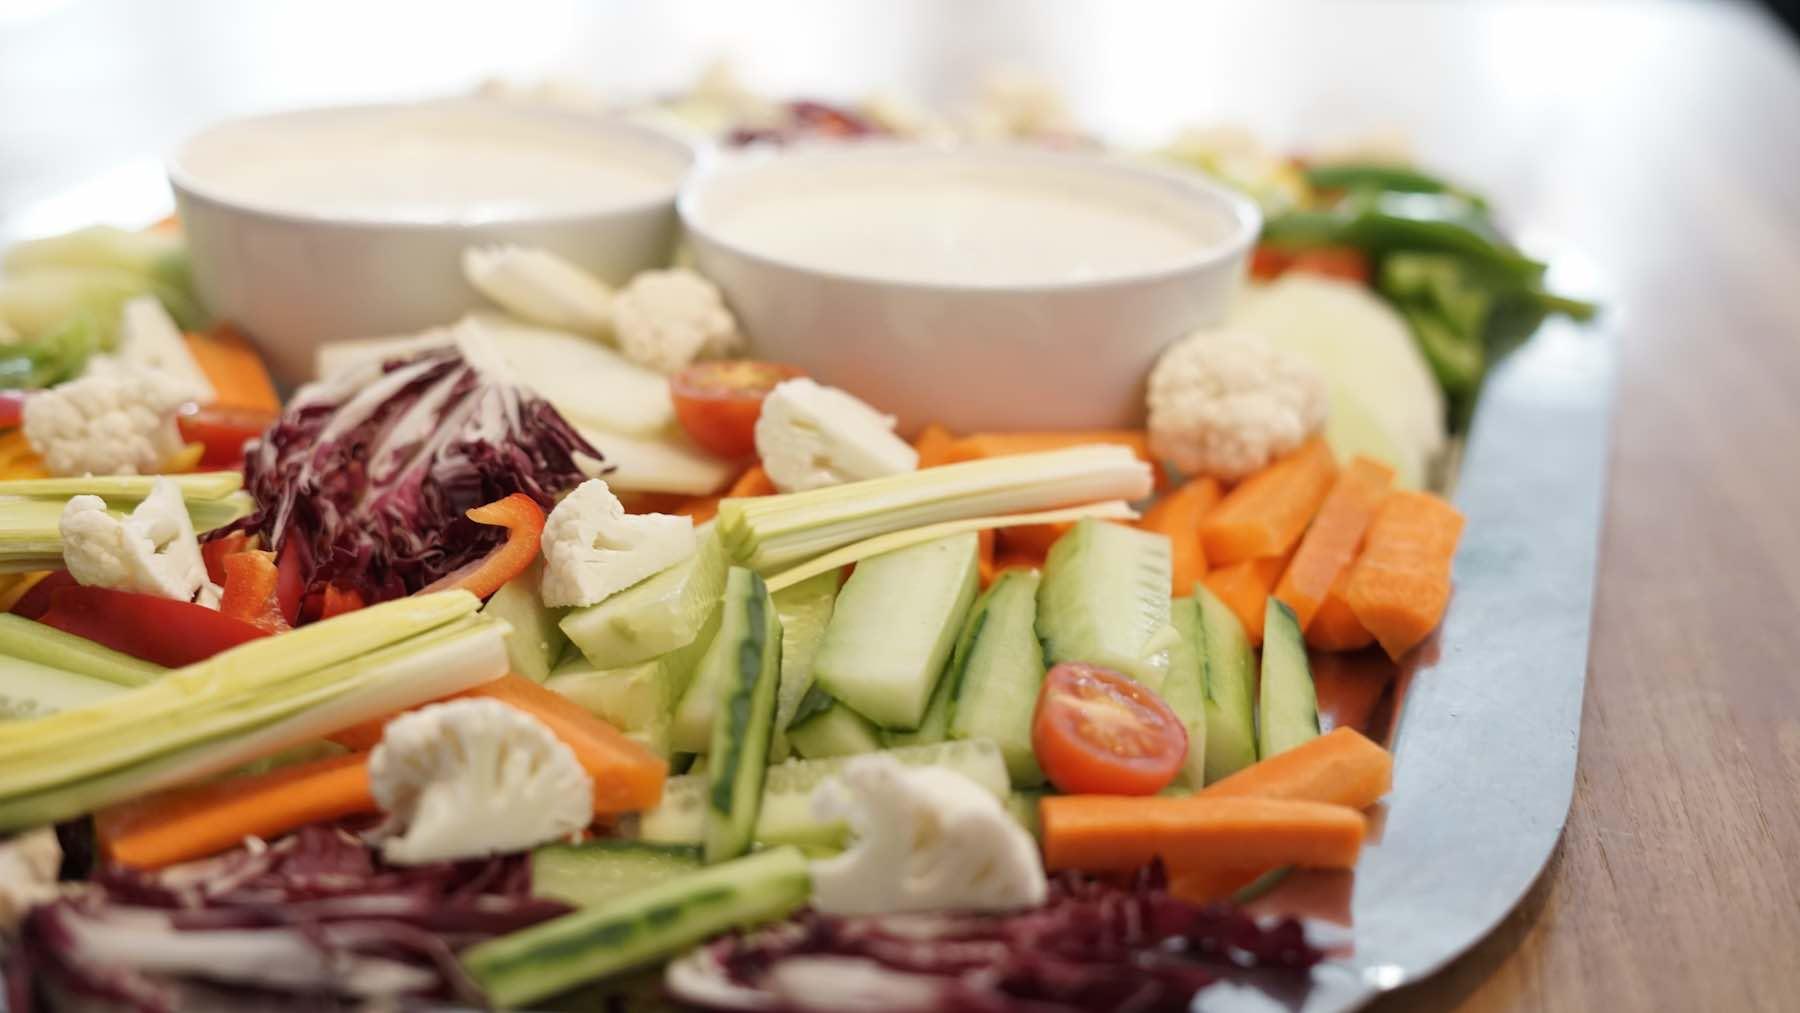 Gemüseplatte Mainz Catering